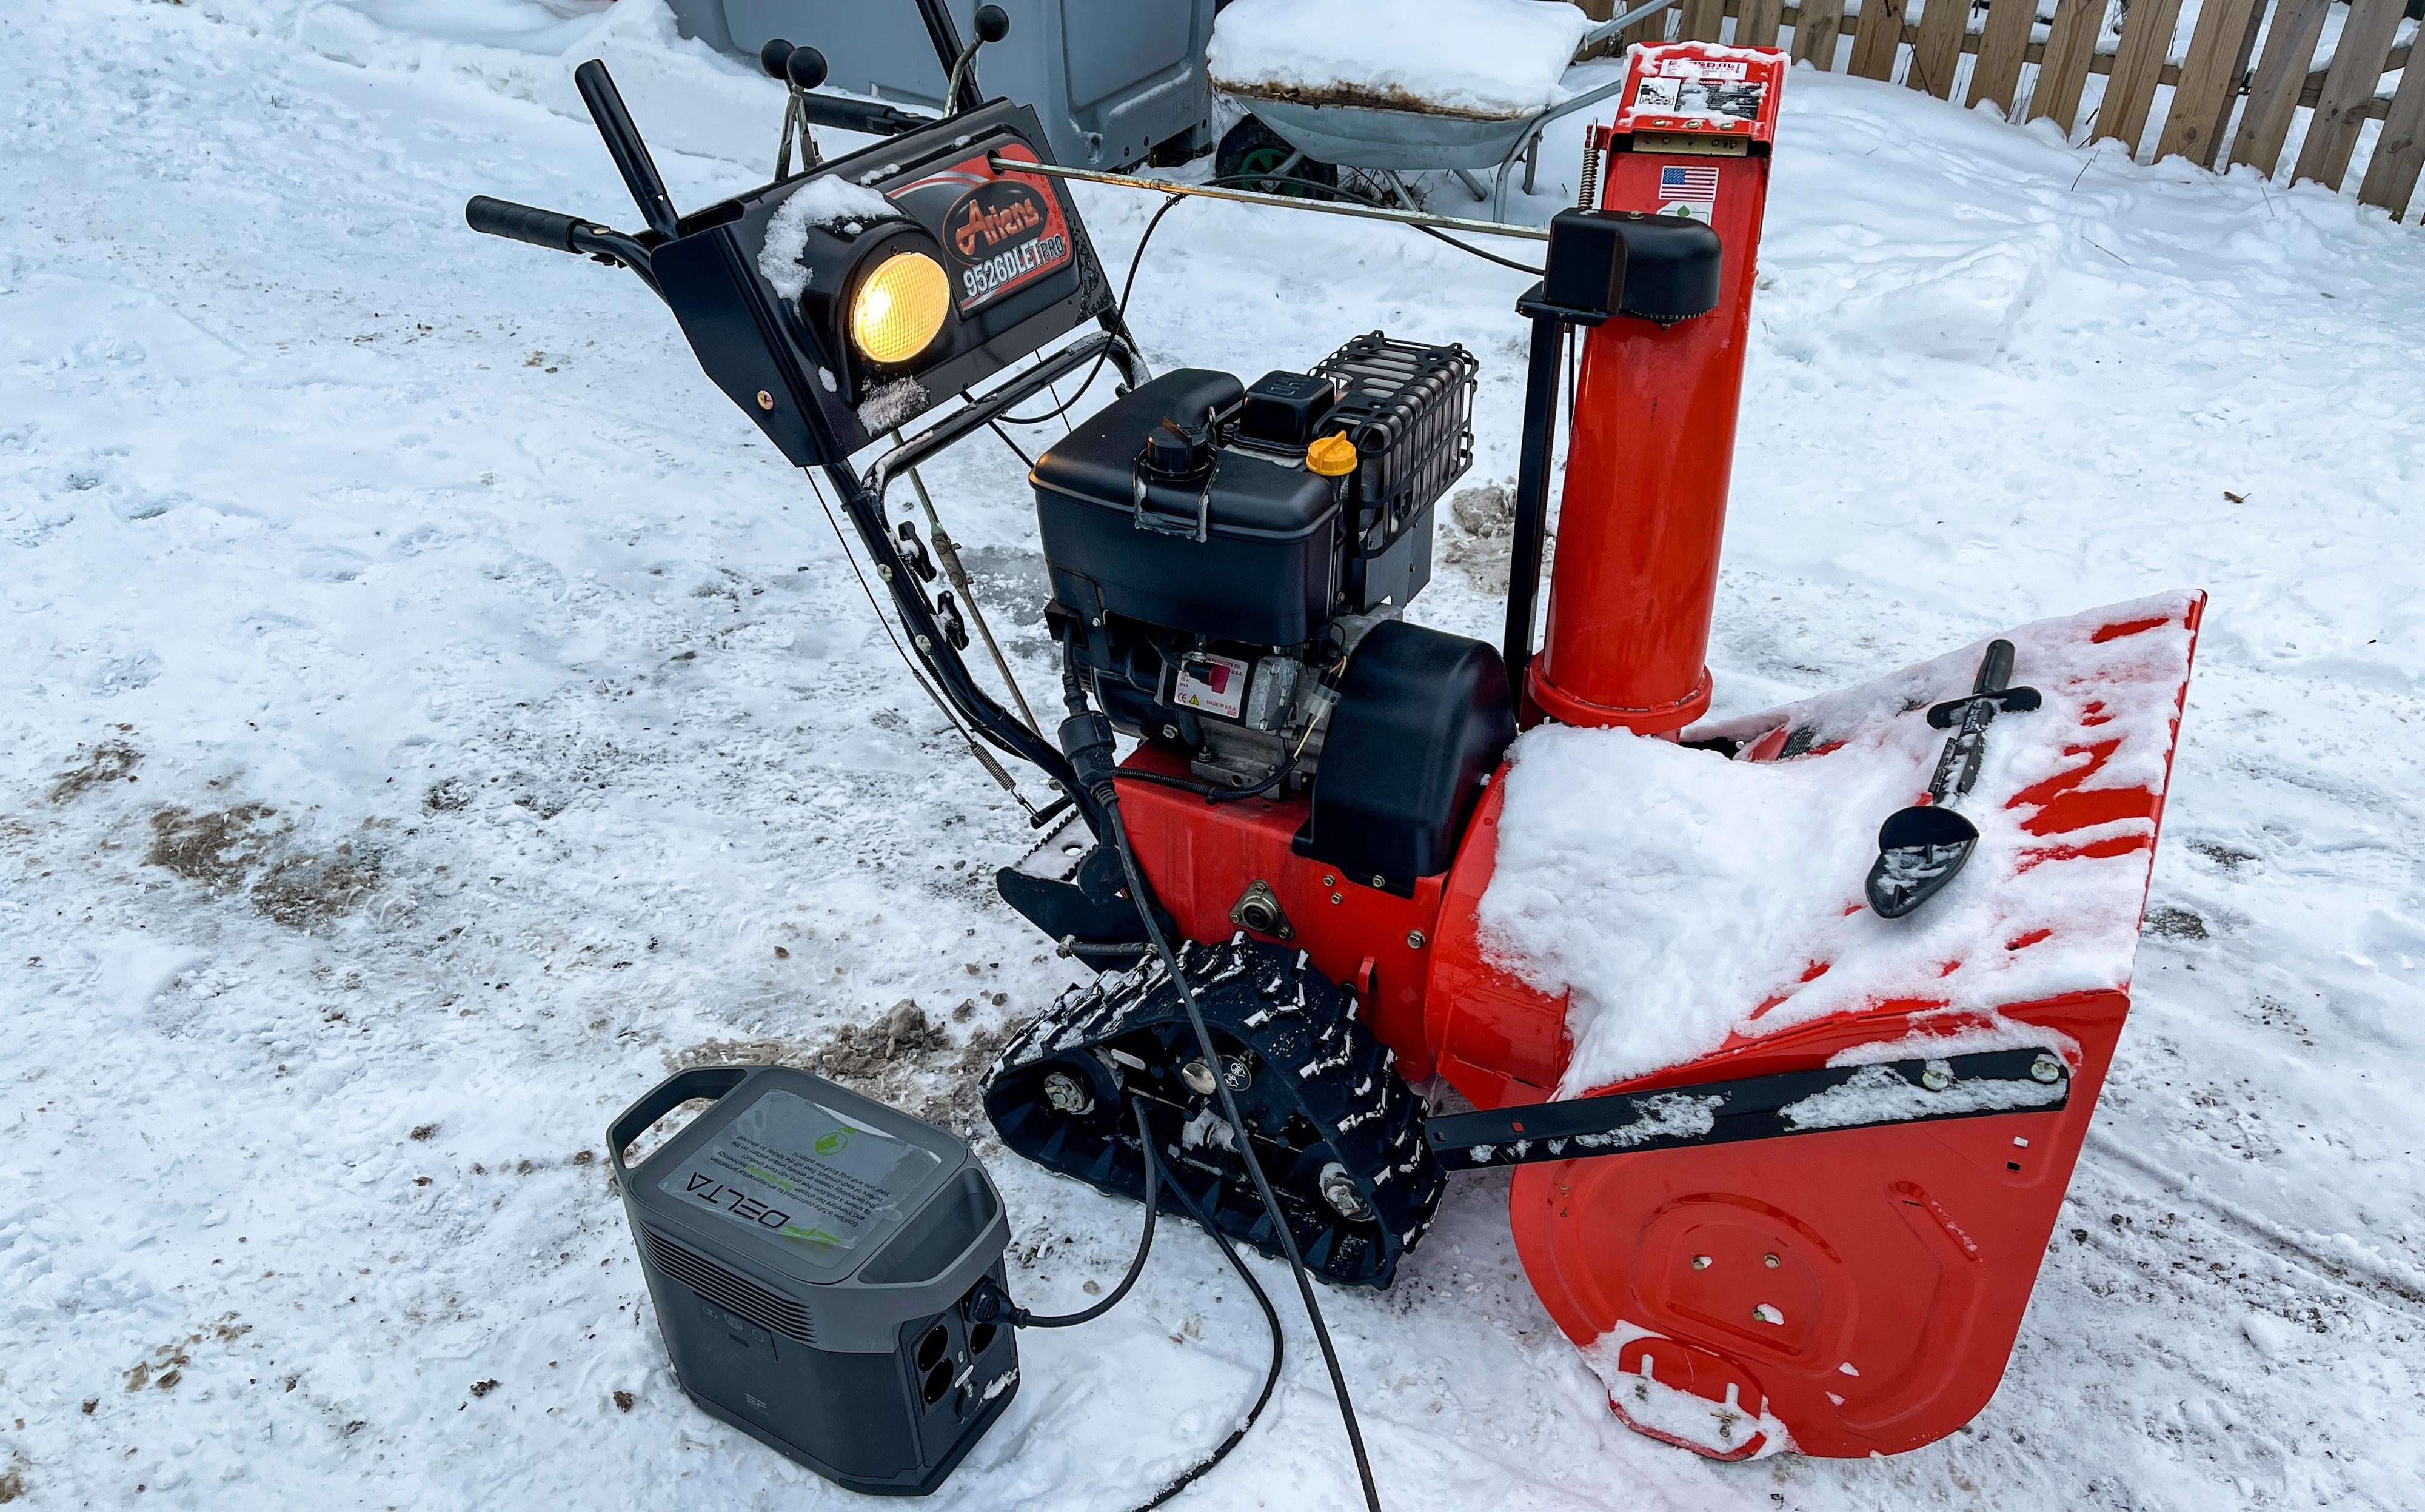 Vi startet en snøfreser med elstart gjentatte ganger med Delta 1300. Det fungerte utmerket.